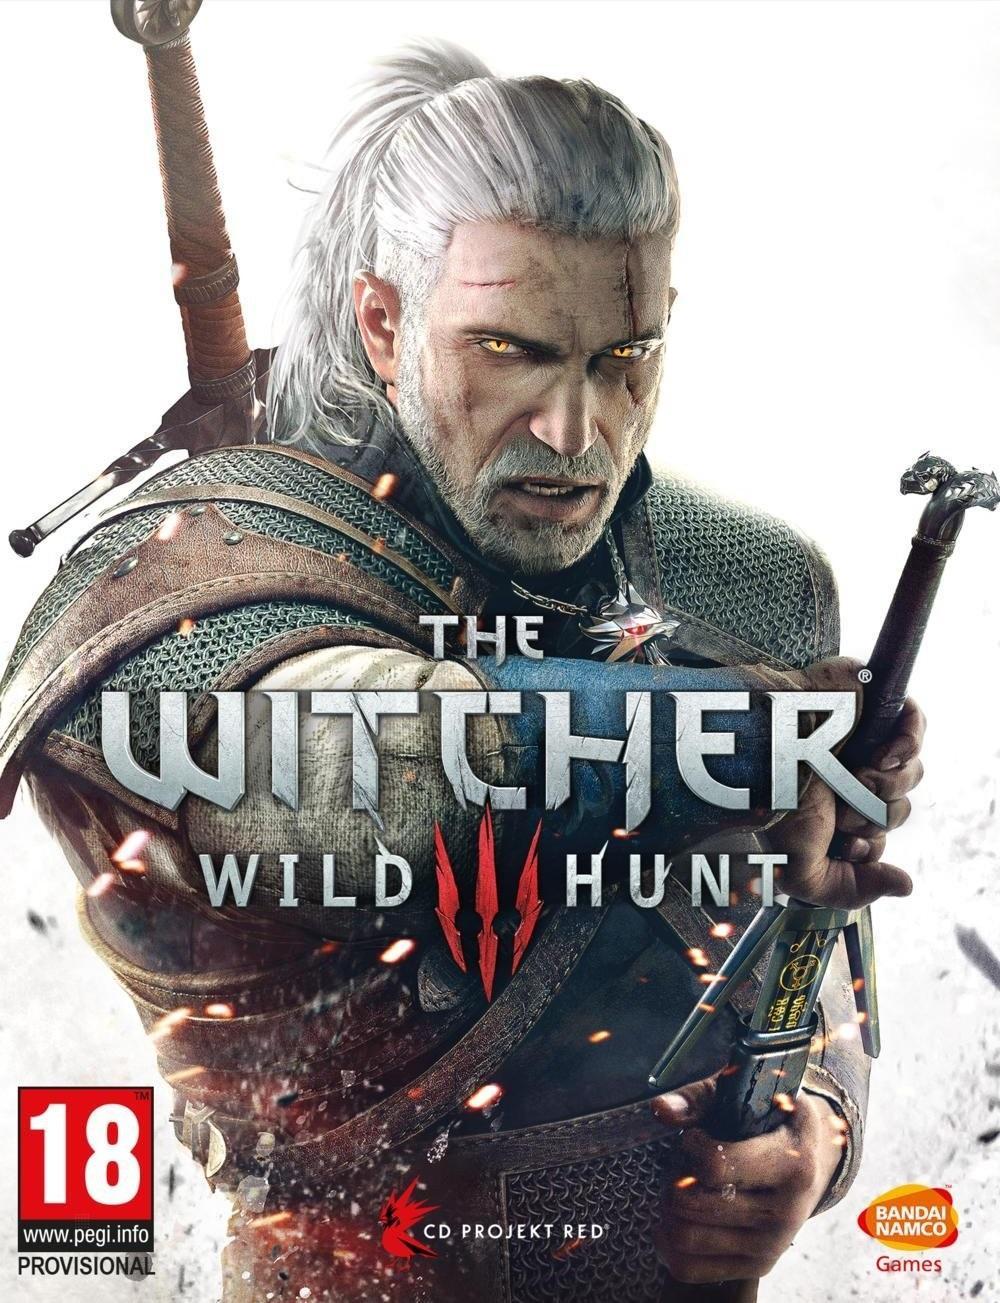 The Witcher 3 - Wild Hunt sur PC (Dématérialisé)